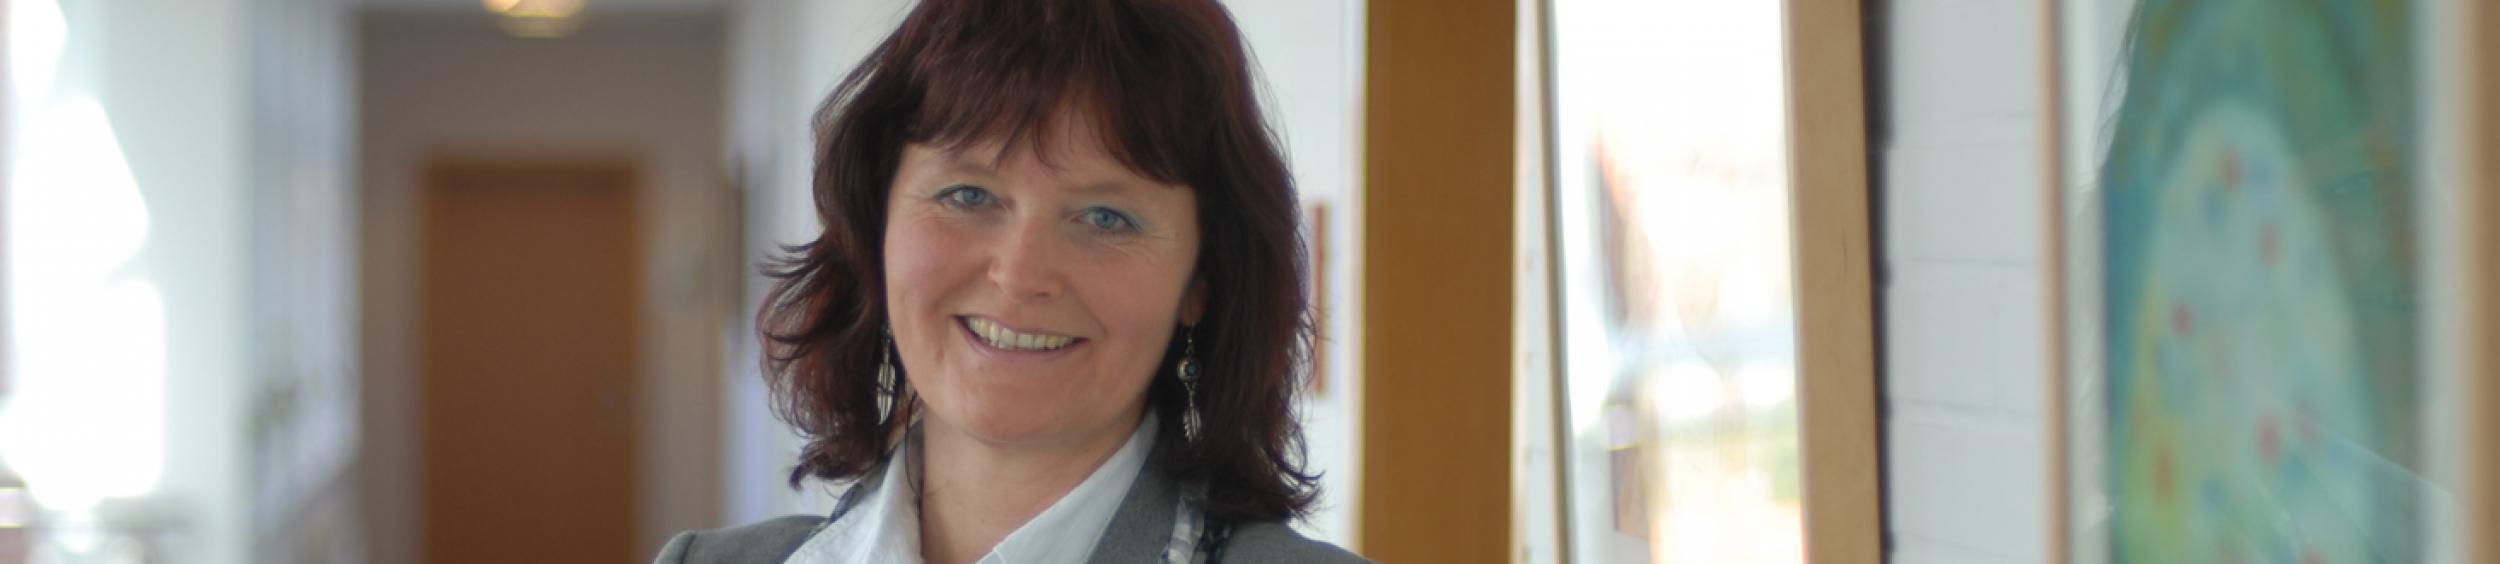 Antje Oltmanns, Gleichstellungsbeauftragte der Gemeinde Großenkneten